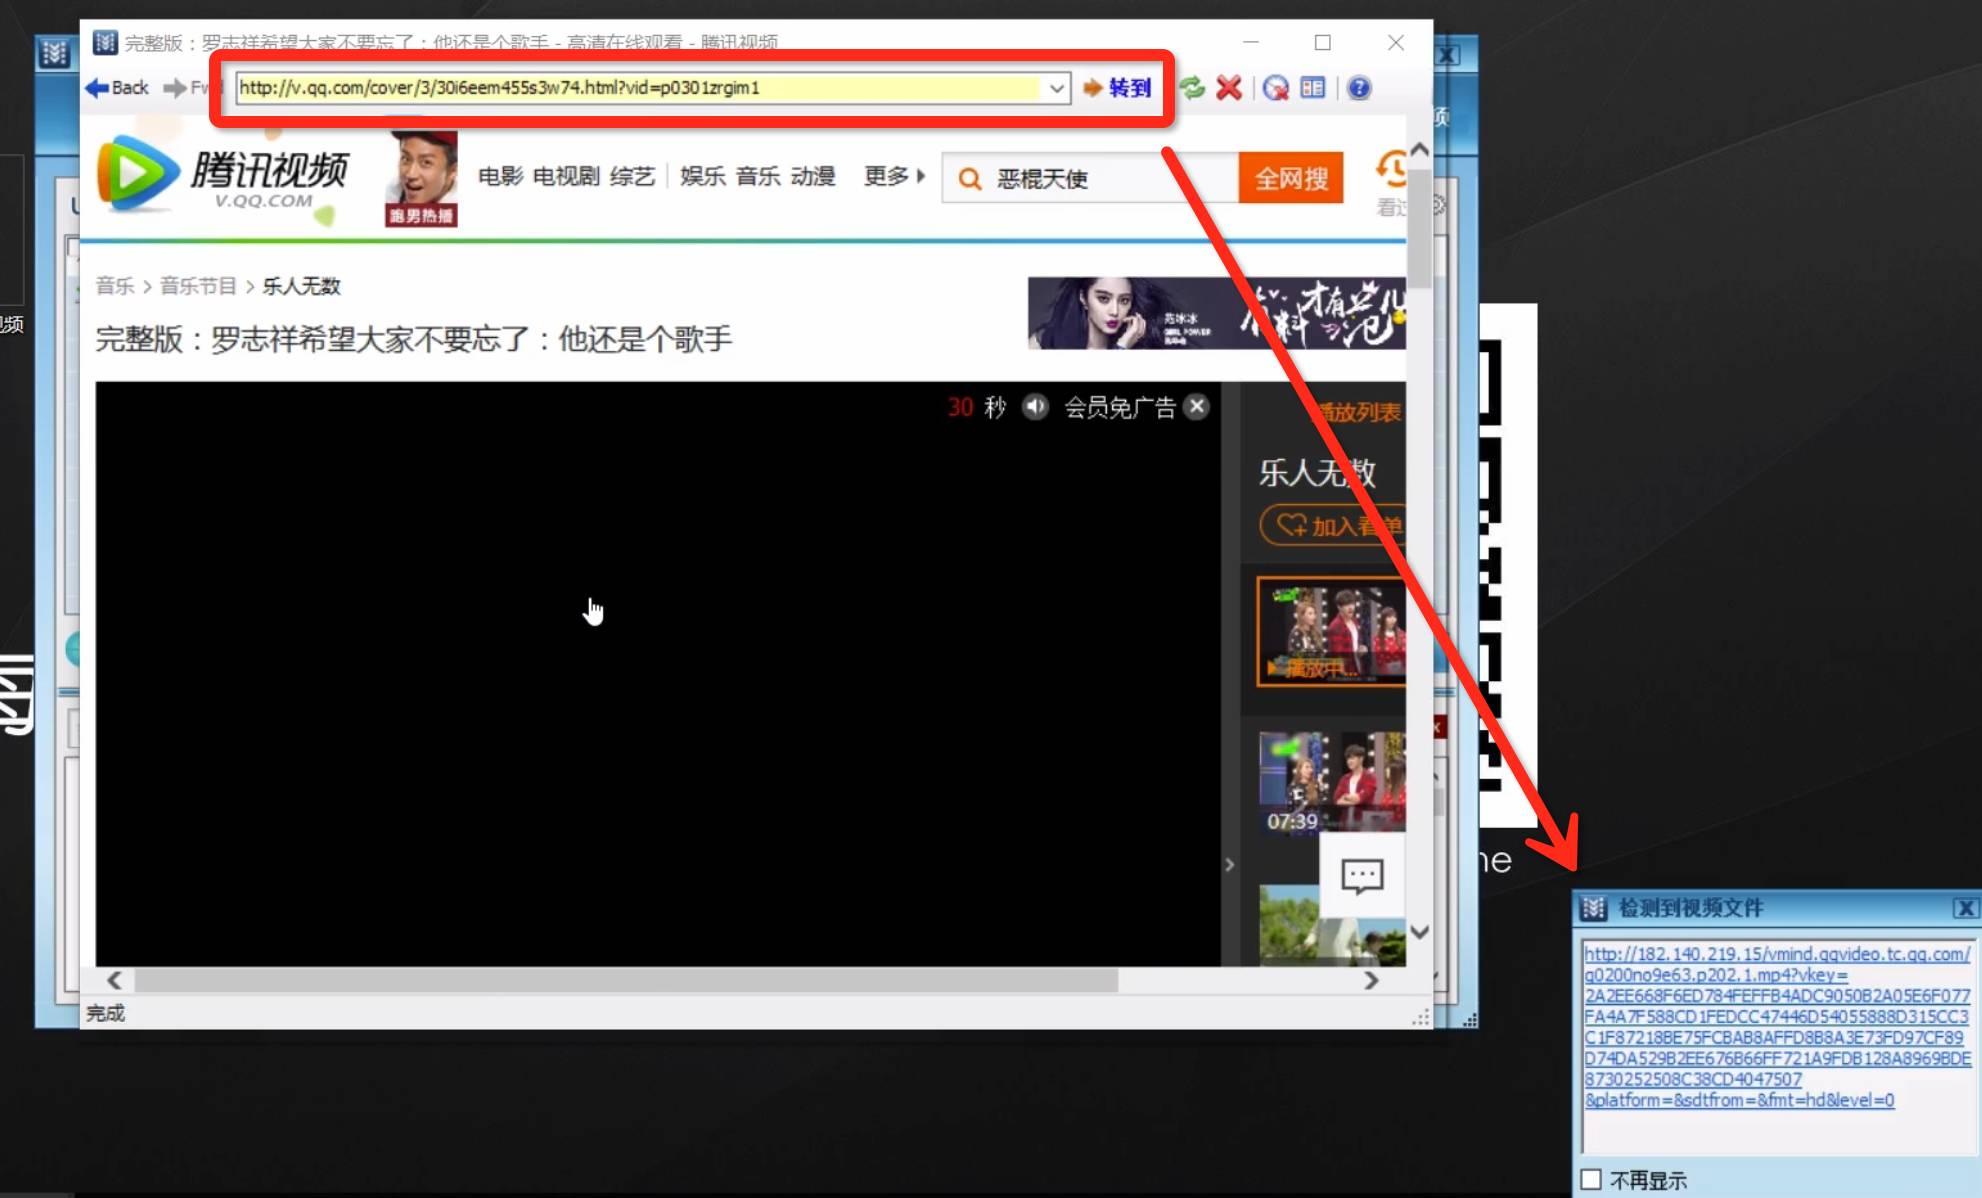 怎么用录屏软件改格式_怎么用录屏软件改格式